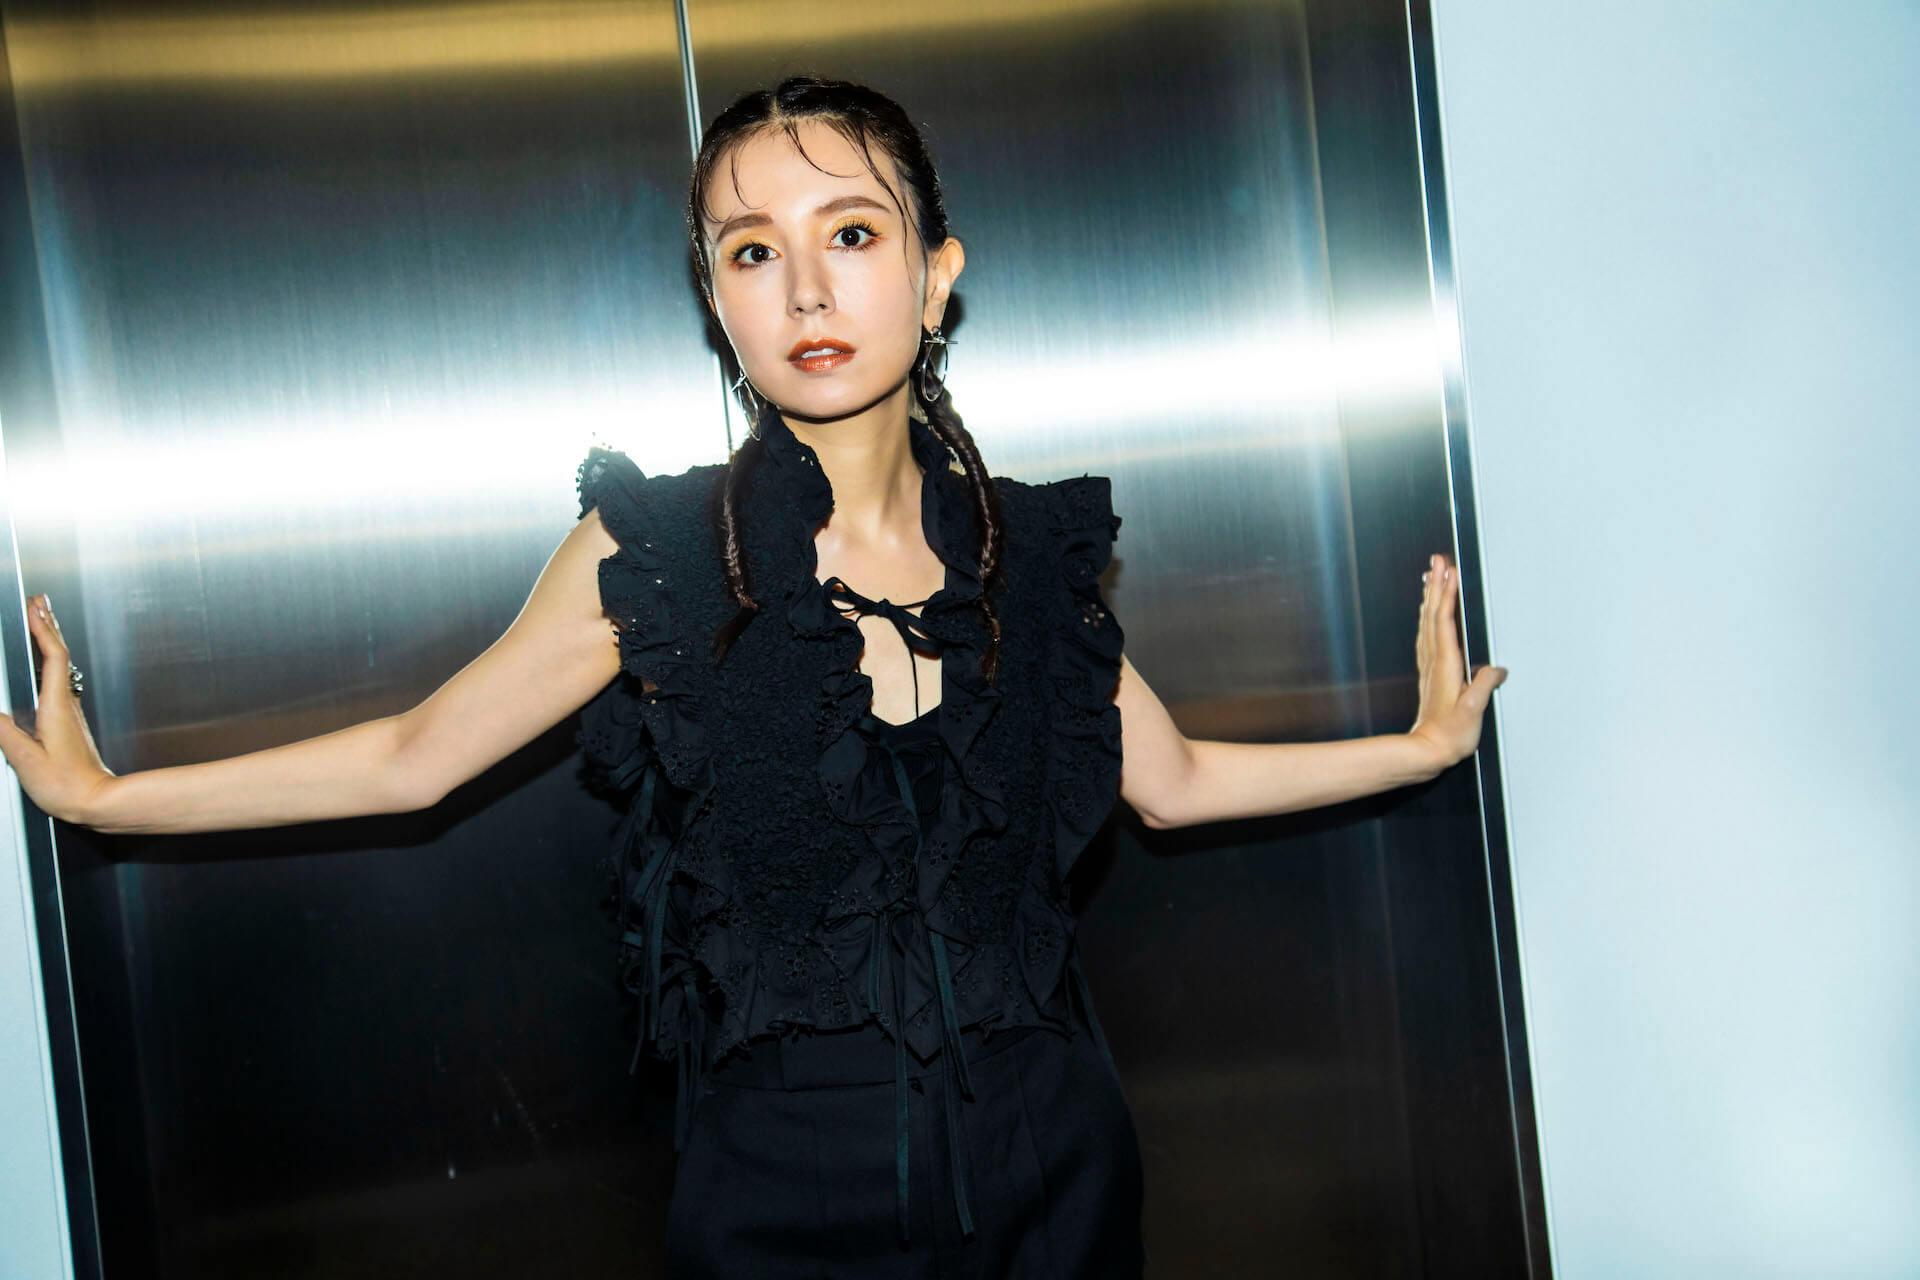 対談:May J.とyahyel・篠田ミルが新プロジェクト「DarkPop」で描くポップスの新章 interview2107-may-j-yahyel-shinodamiru-08